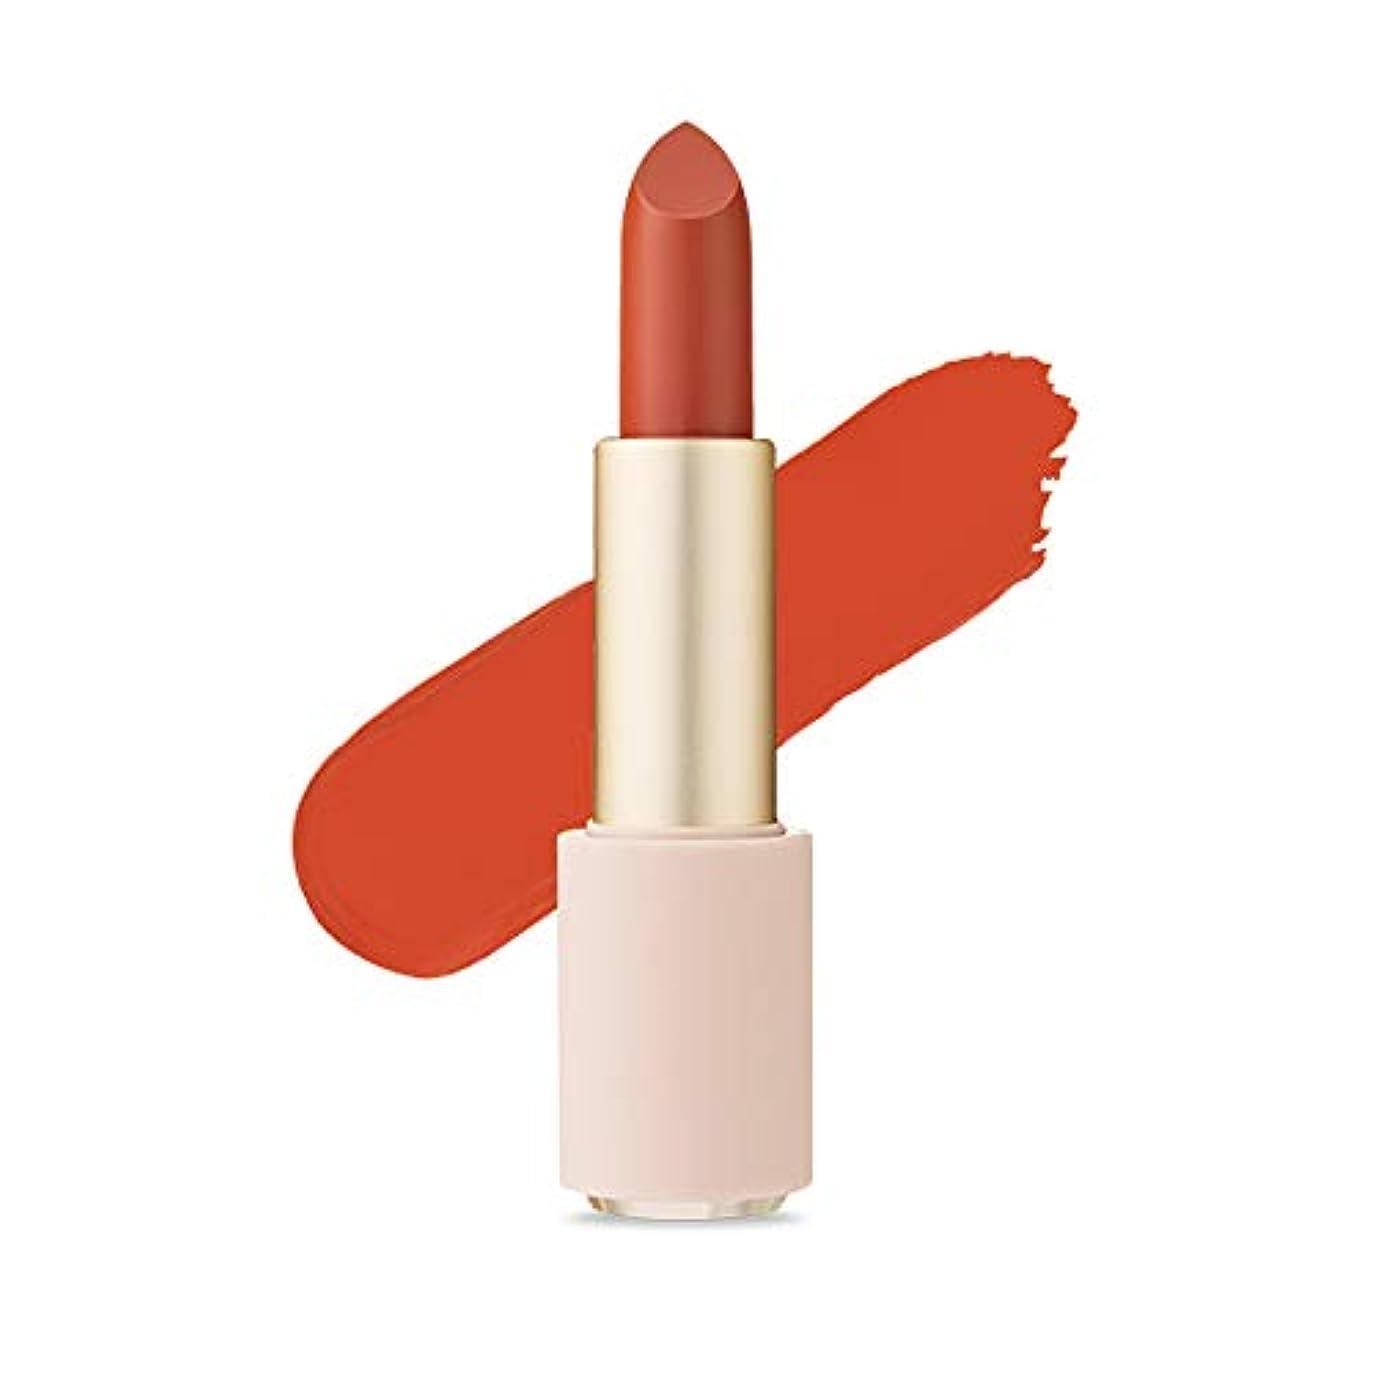 ストレンジャー取り扱い白鳥Etude House Better Lips Talk Velvet エチュードハウス ベター リップス - トーク ベルベット (# BR401 Orange Brick) [並行輸入品]